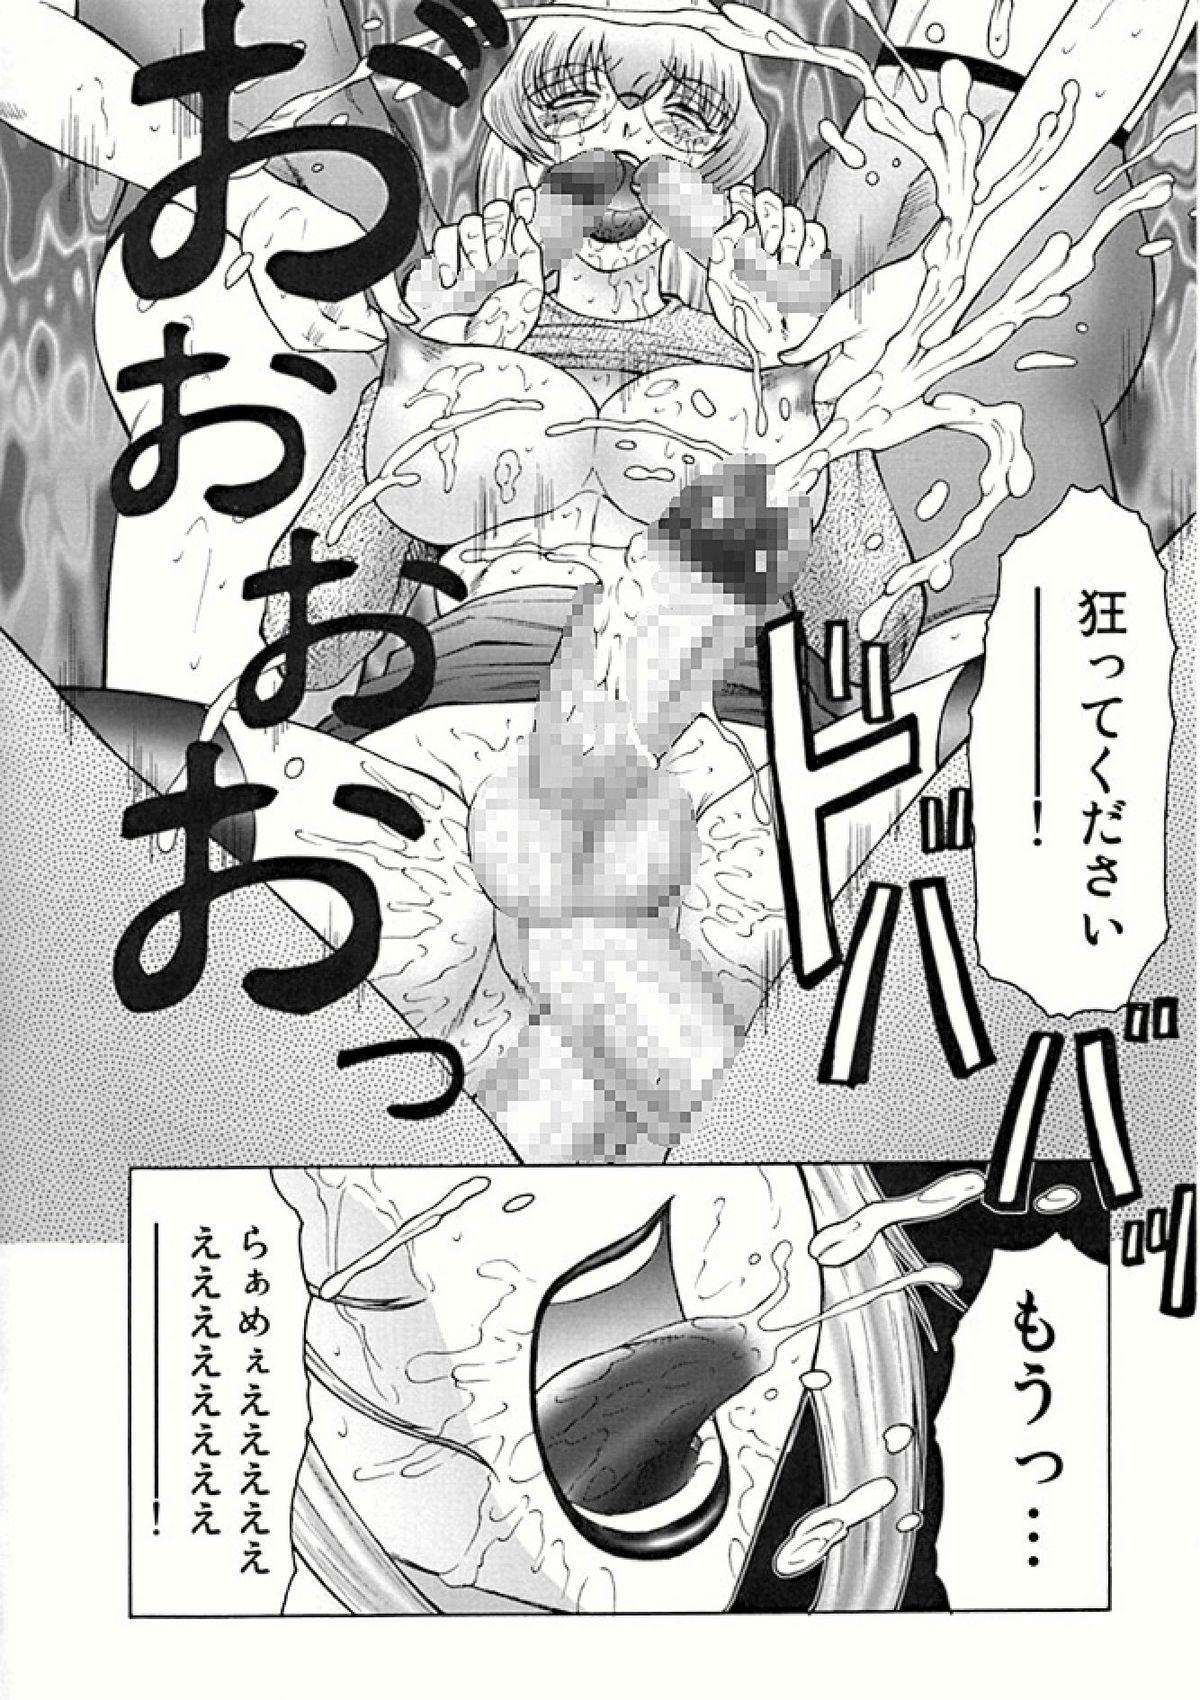 Futagami - Futanari Onna Kyoushi Zecchou Hiroku 67